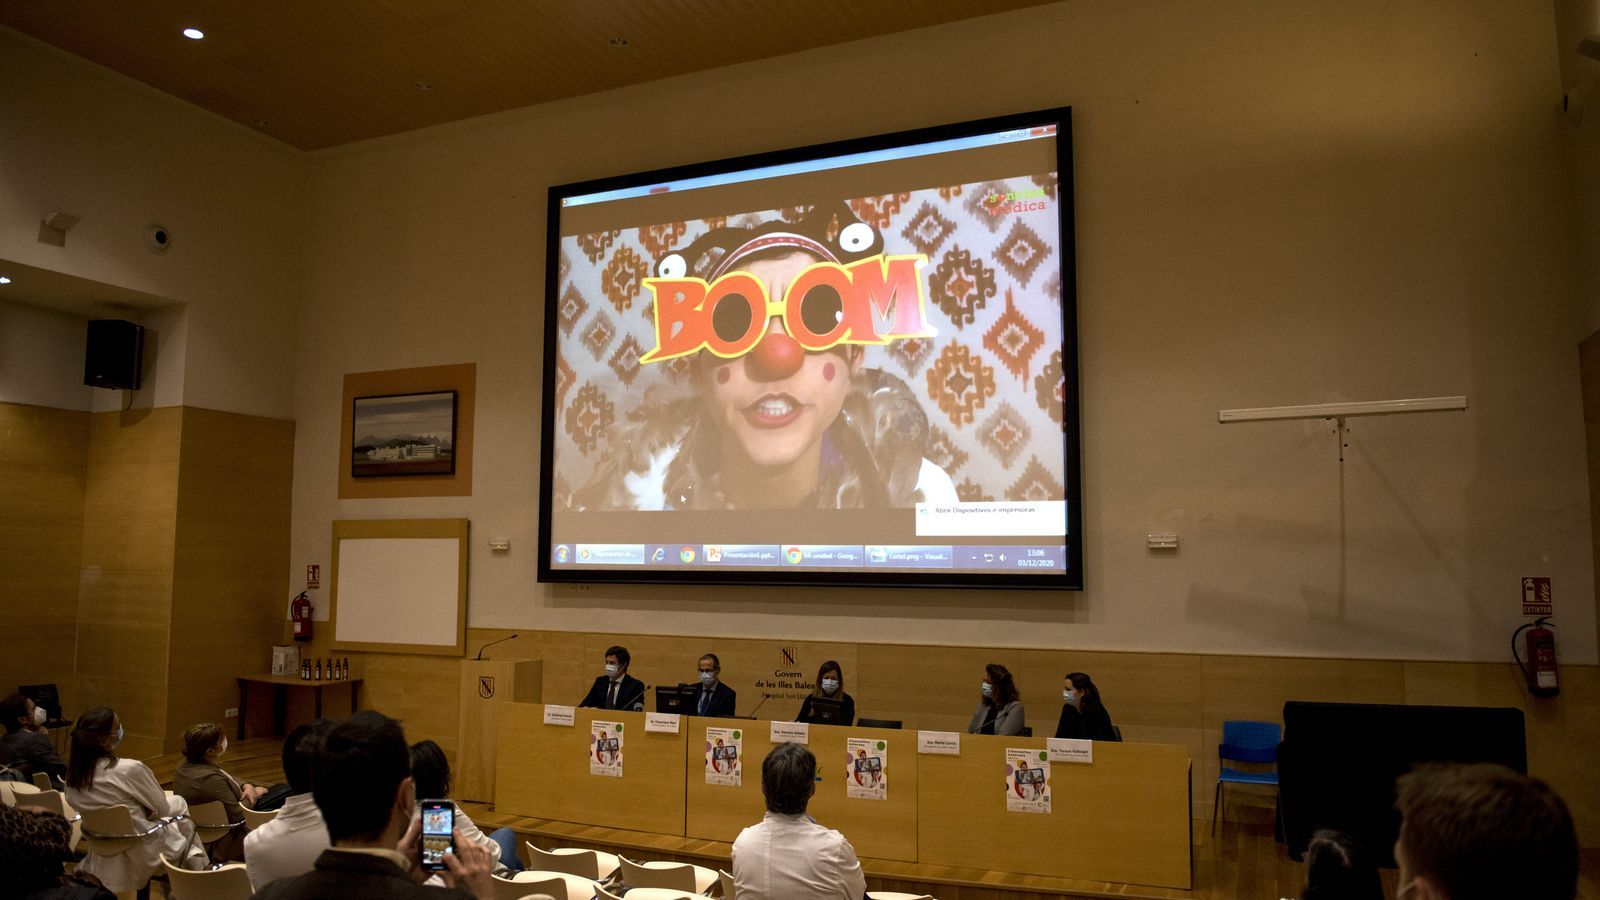 La presentació del projecte s'ha fet al saló d'actes de Son Llàtzer.